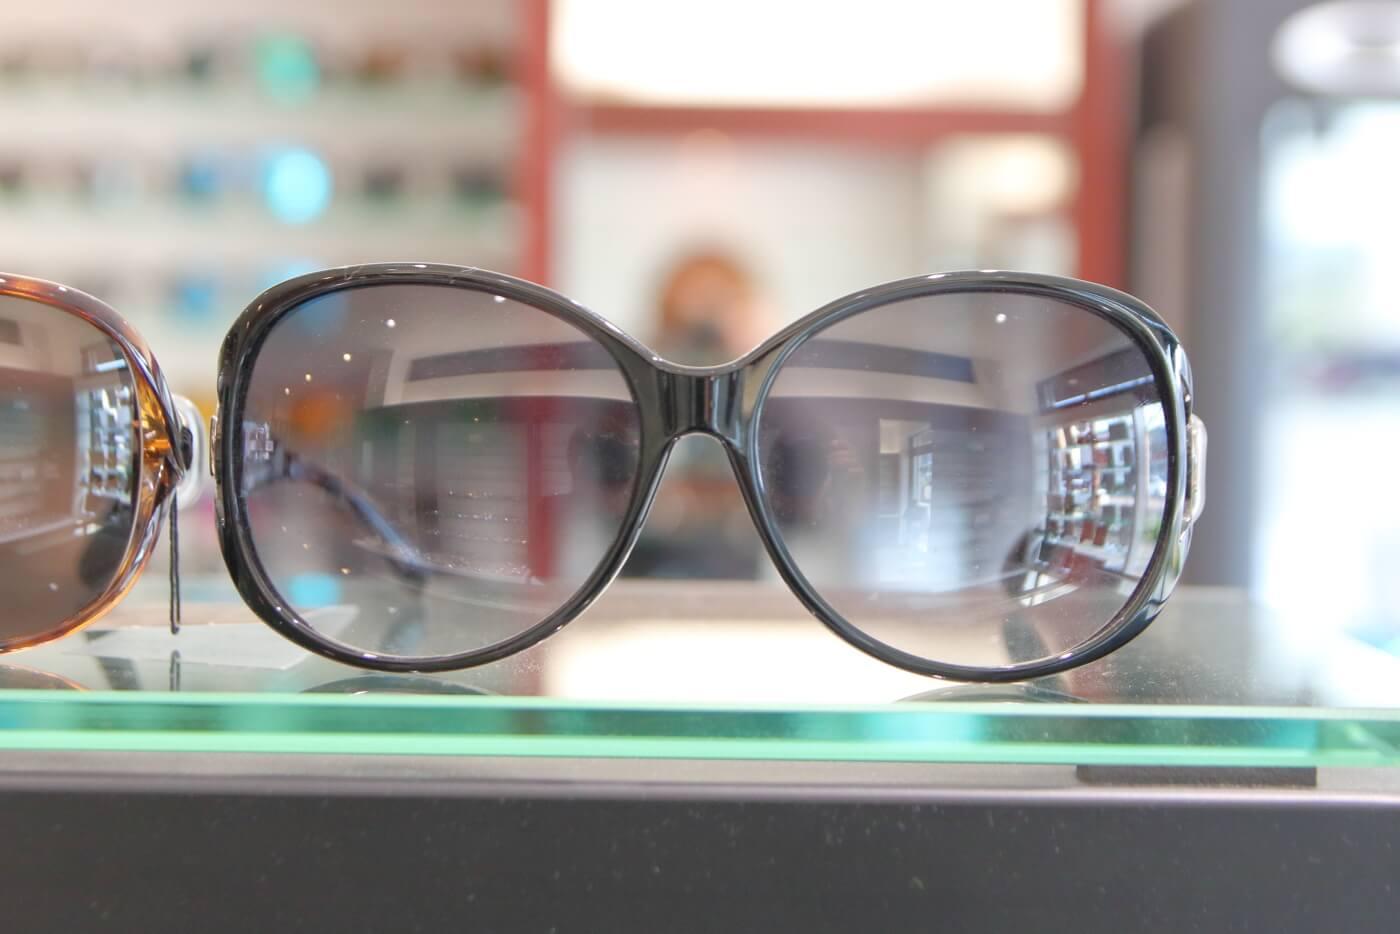 高知市上町の眼鏡店ミナミメガネの店内に陳列されたサングラス